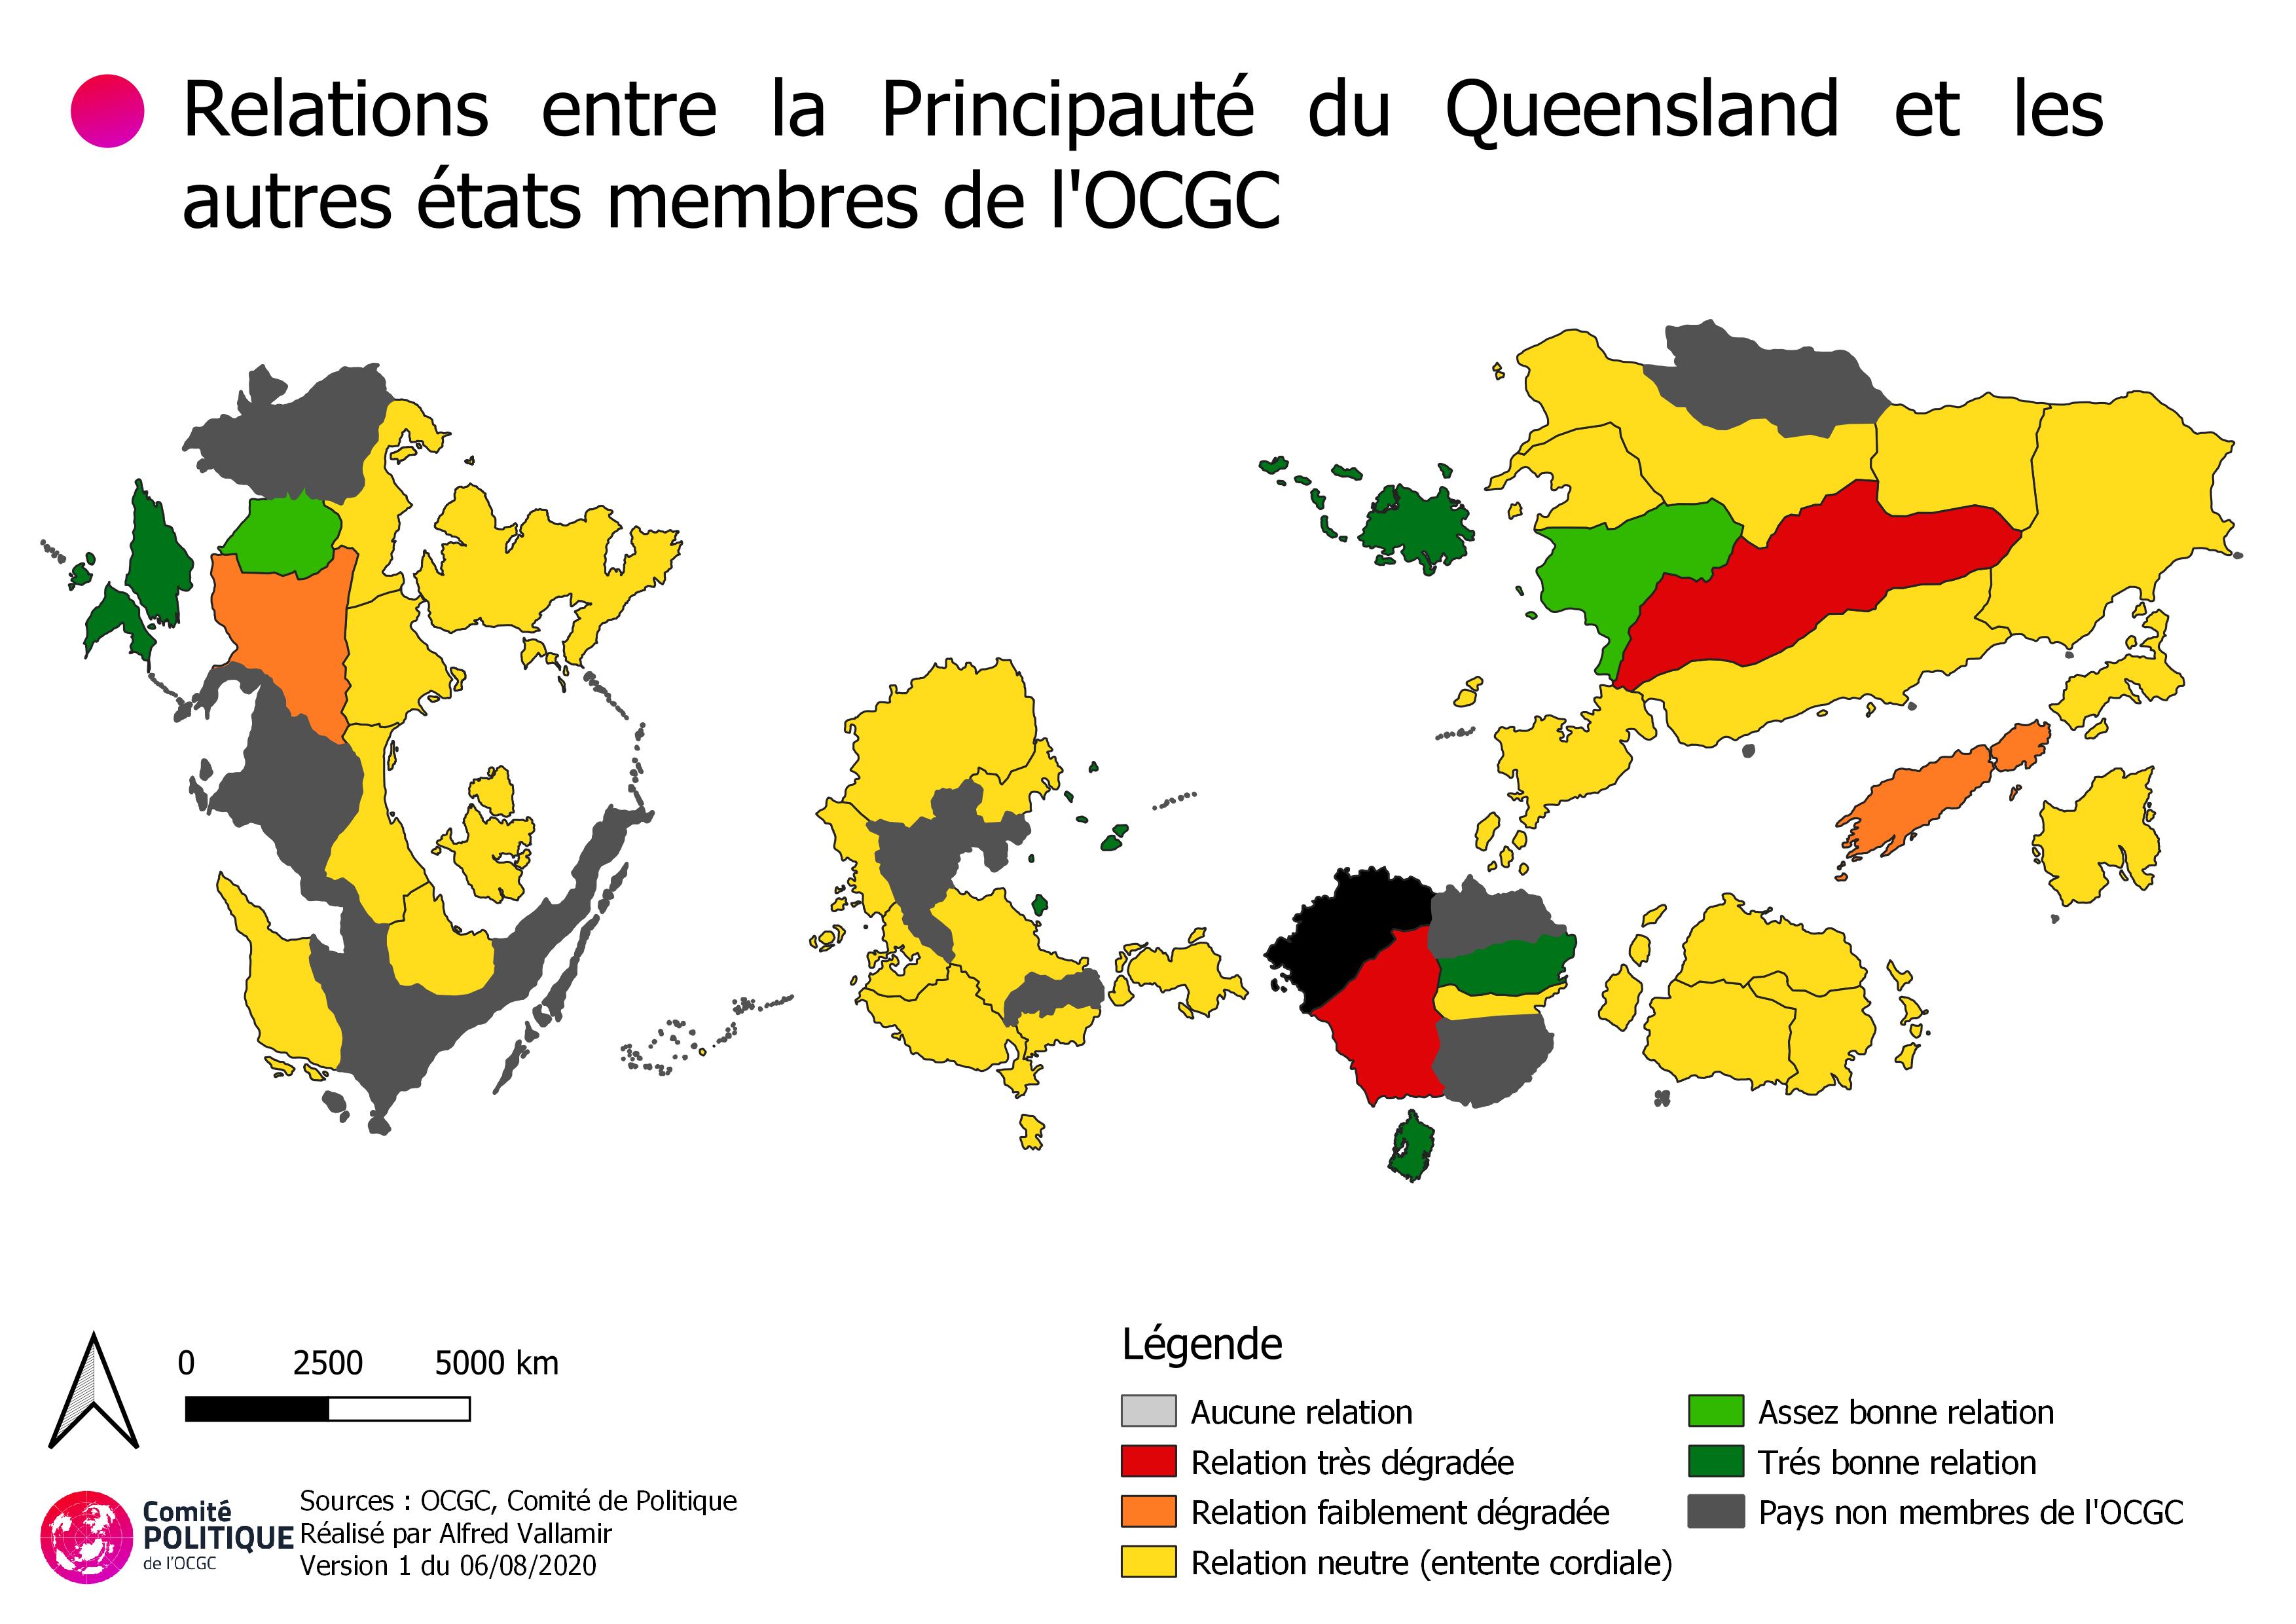 Atlas du comité de politique - L'édition 2021 disponible ! - Page 4 ComPol_Rel_Bil_Queensland